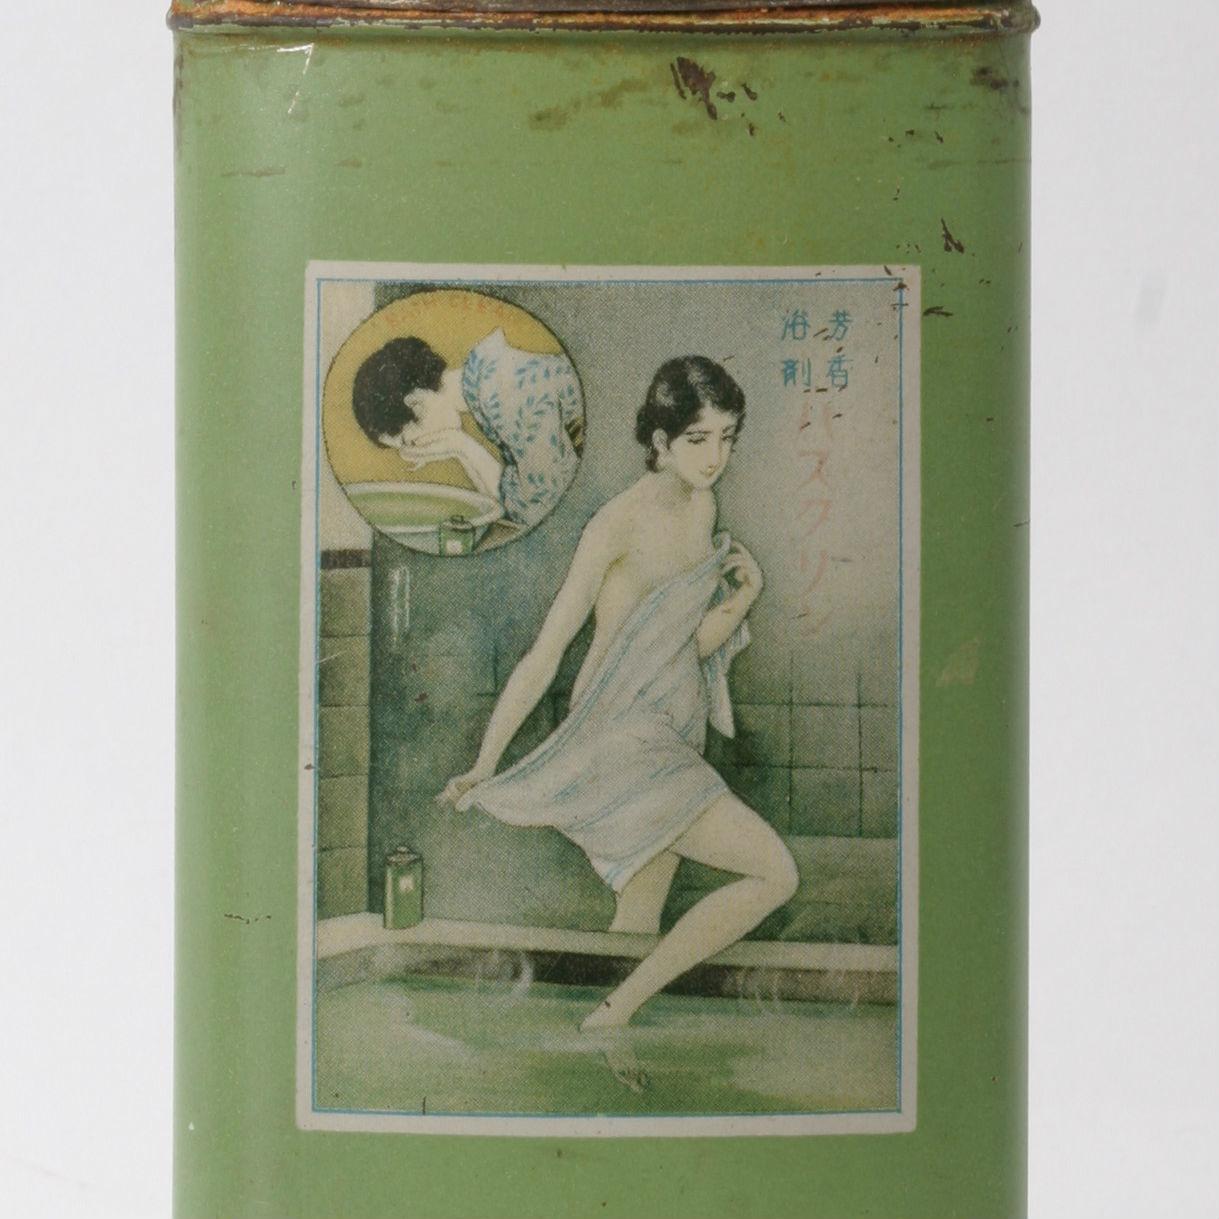 """今と見た目が全然違う! かつては艶めかしい美人画がパッケージに描かれていた""""ある商品""""とは?"""